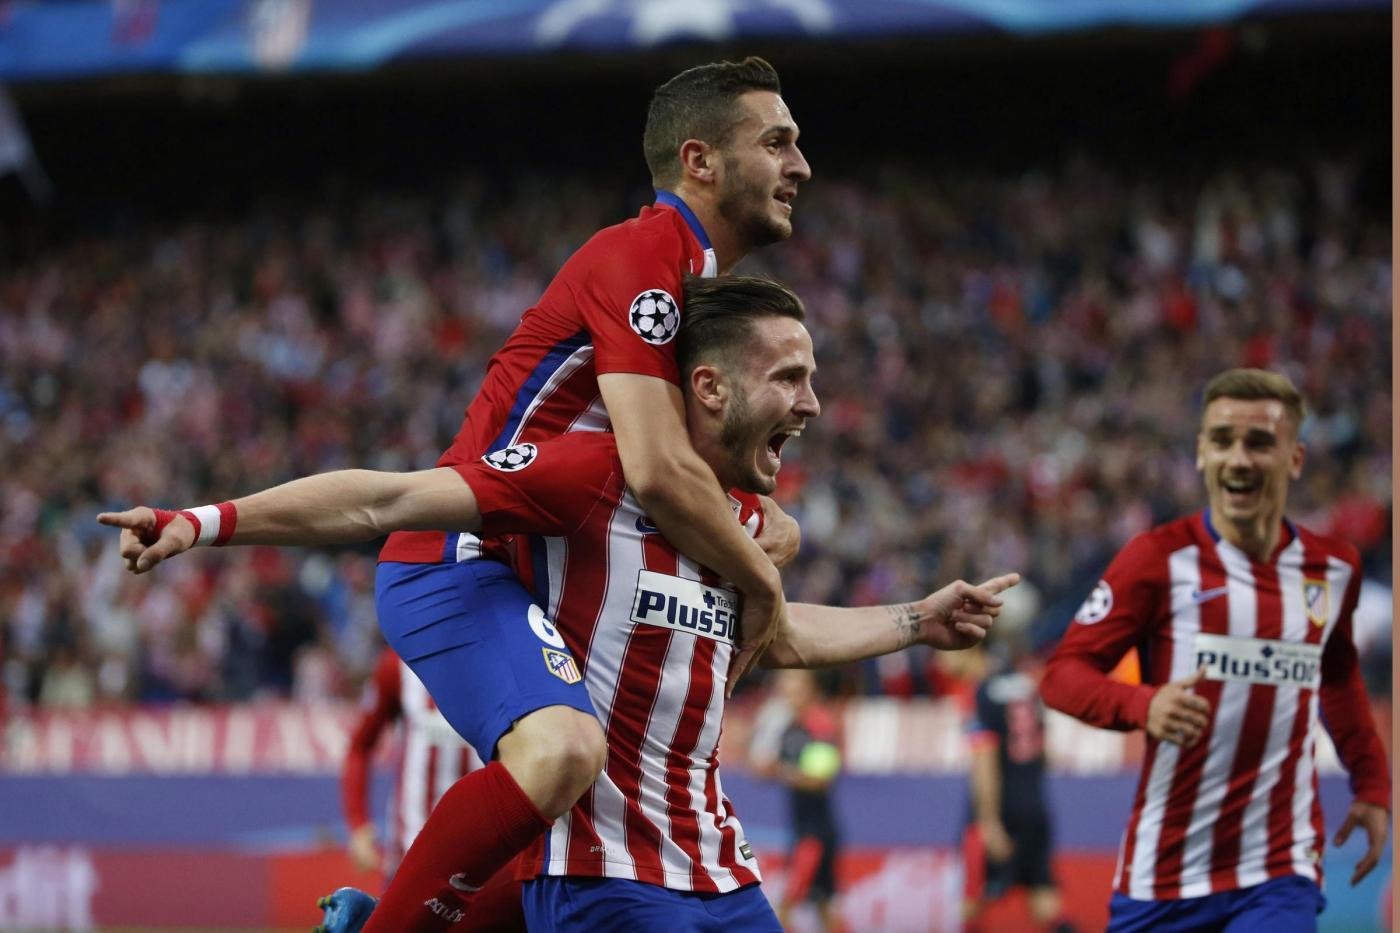 Levante-Atletico Madrid sabato 25 novembre, analisi e pronostico LaLiga giornata 13